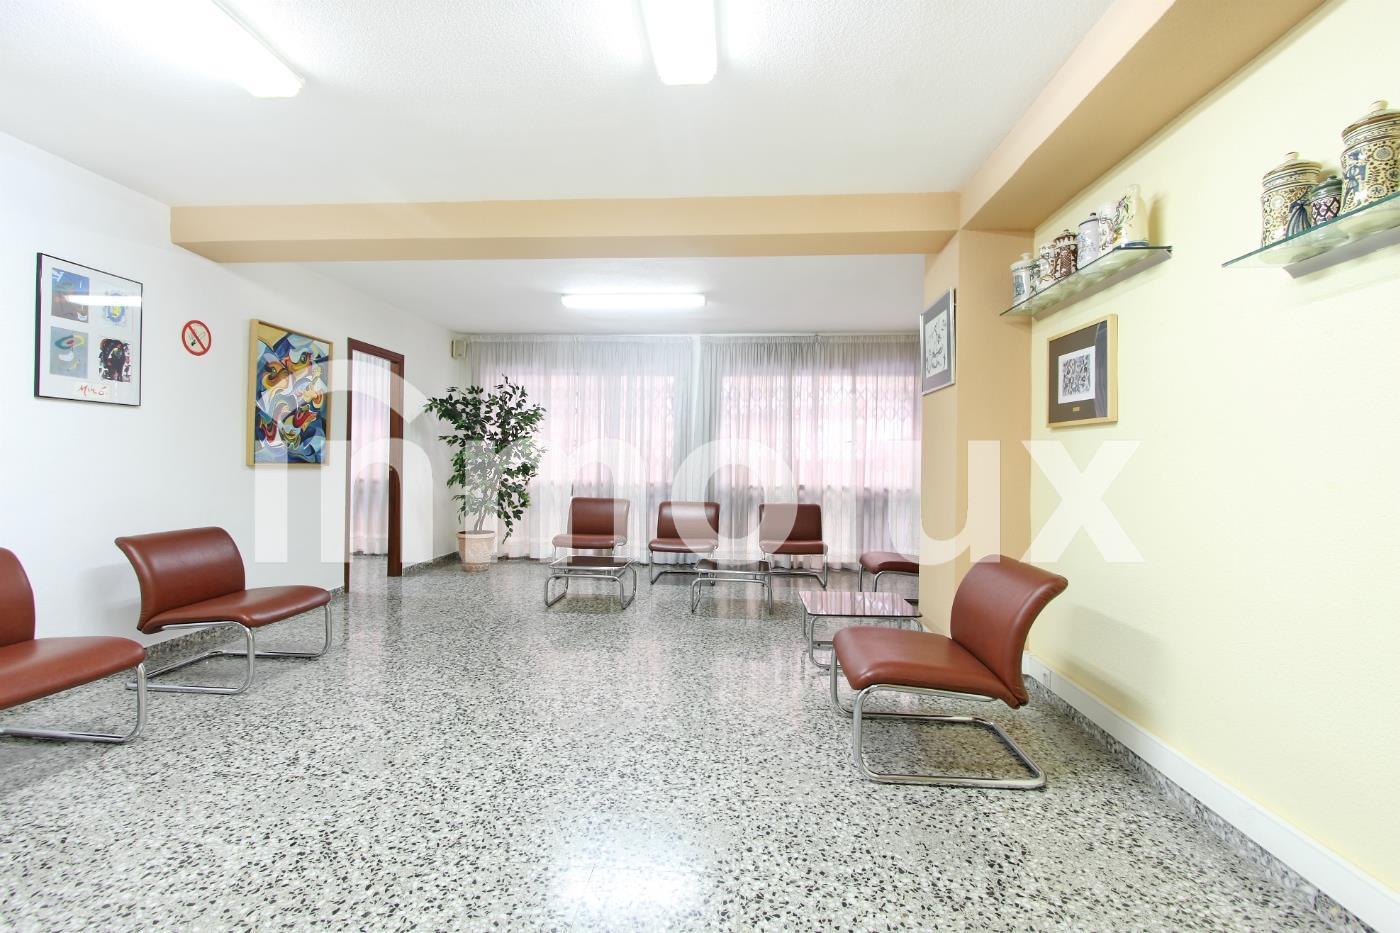 Oficinas  en Alicante Alicante Centro -  - >  €